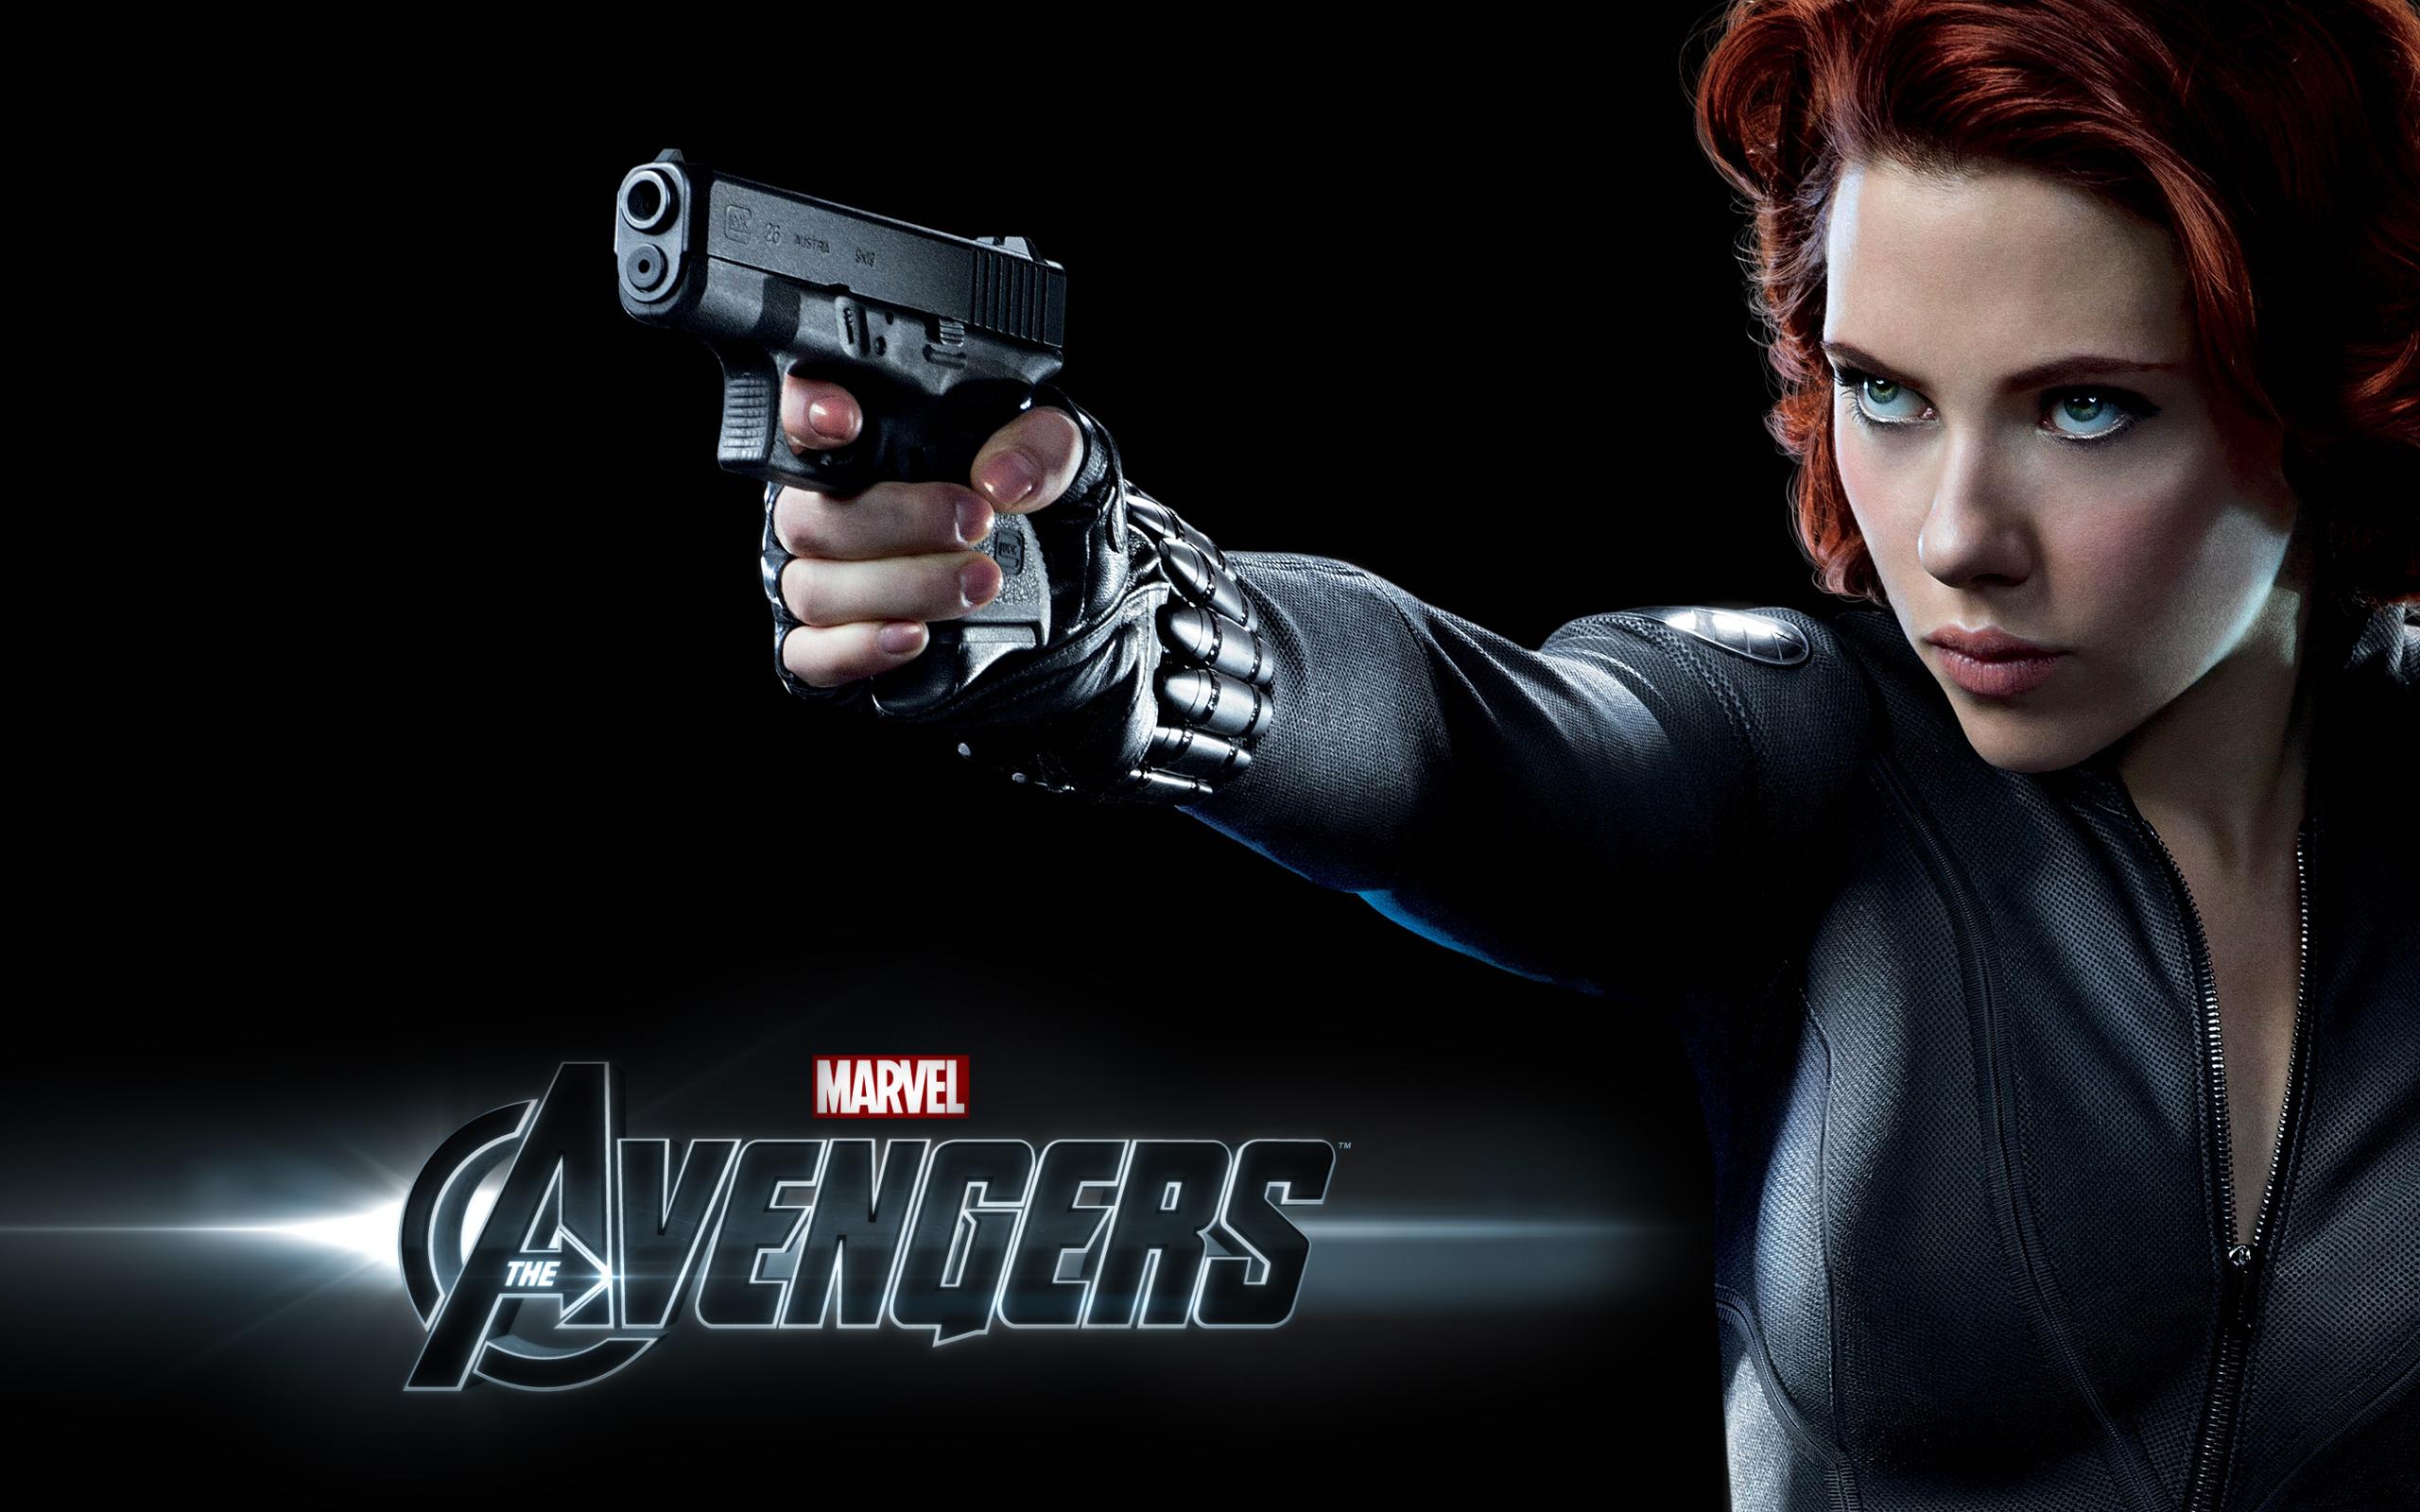 48 Scarlett Johansson Avengers Wallpaper On Wallpapersafari